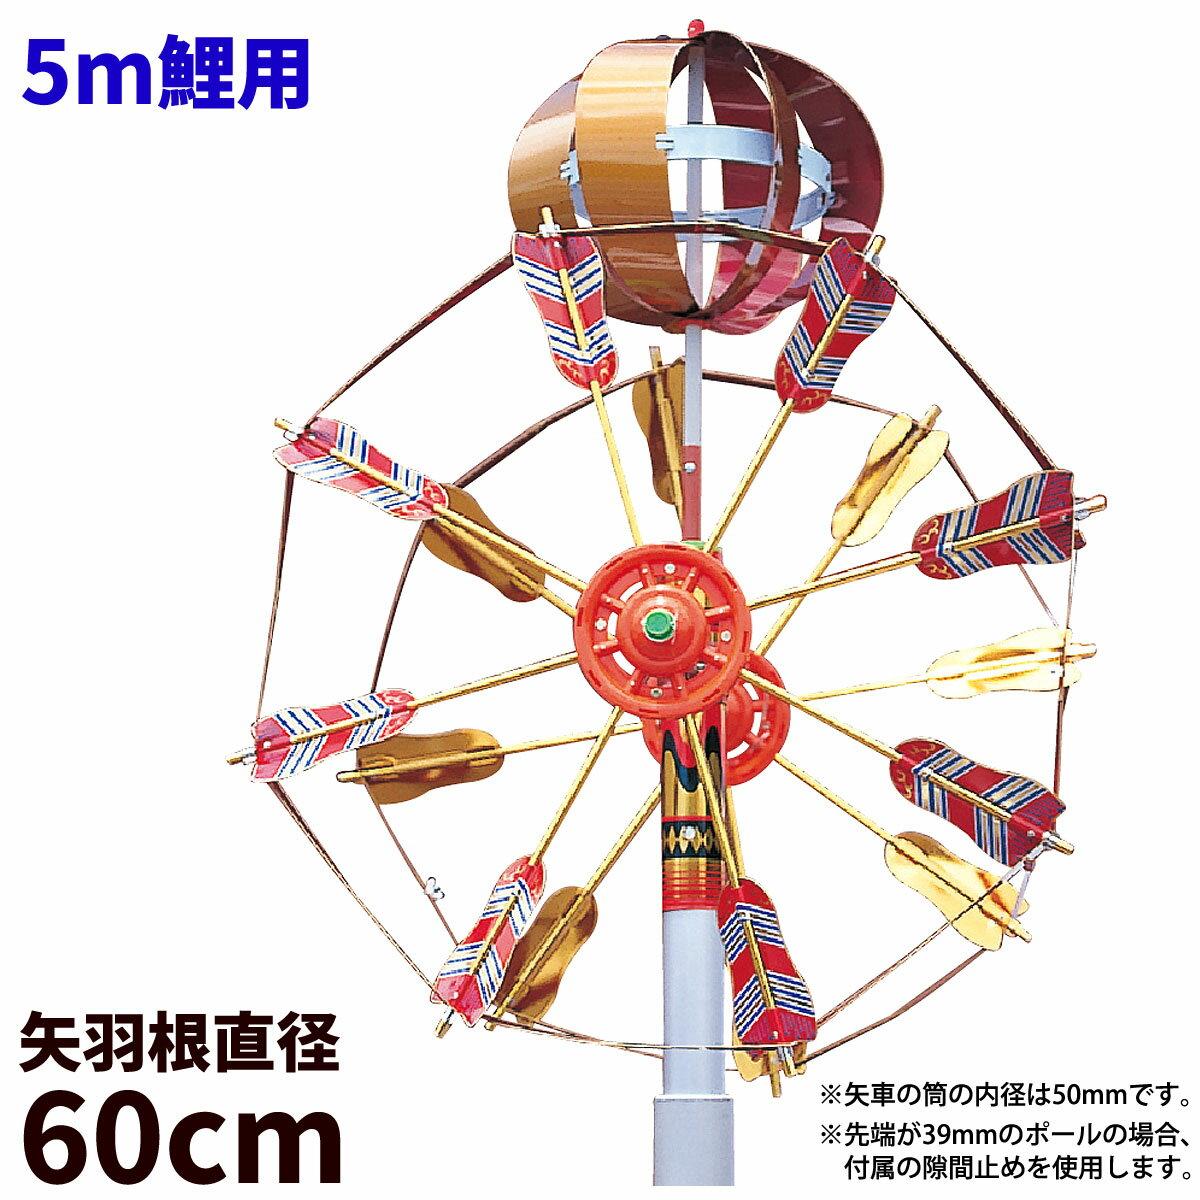 矢車セット 鯉のぼり用矢車 ロイヤル矢車セットロイヤル2 5m鯉用 【RCP】